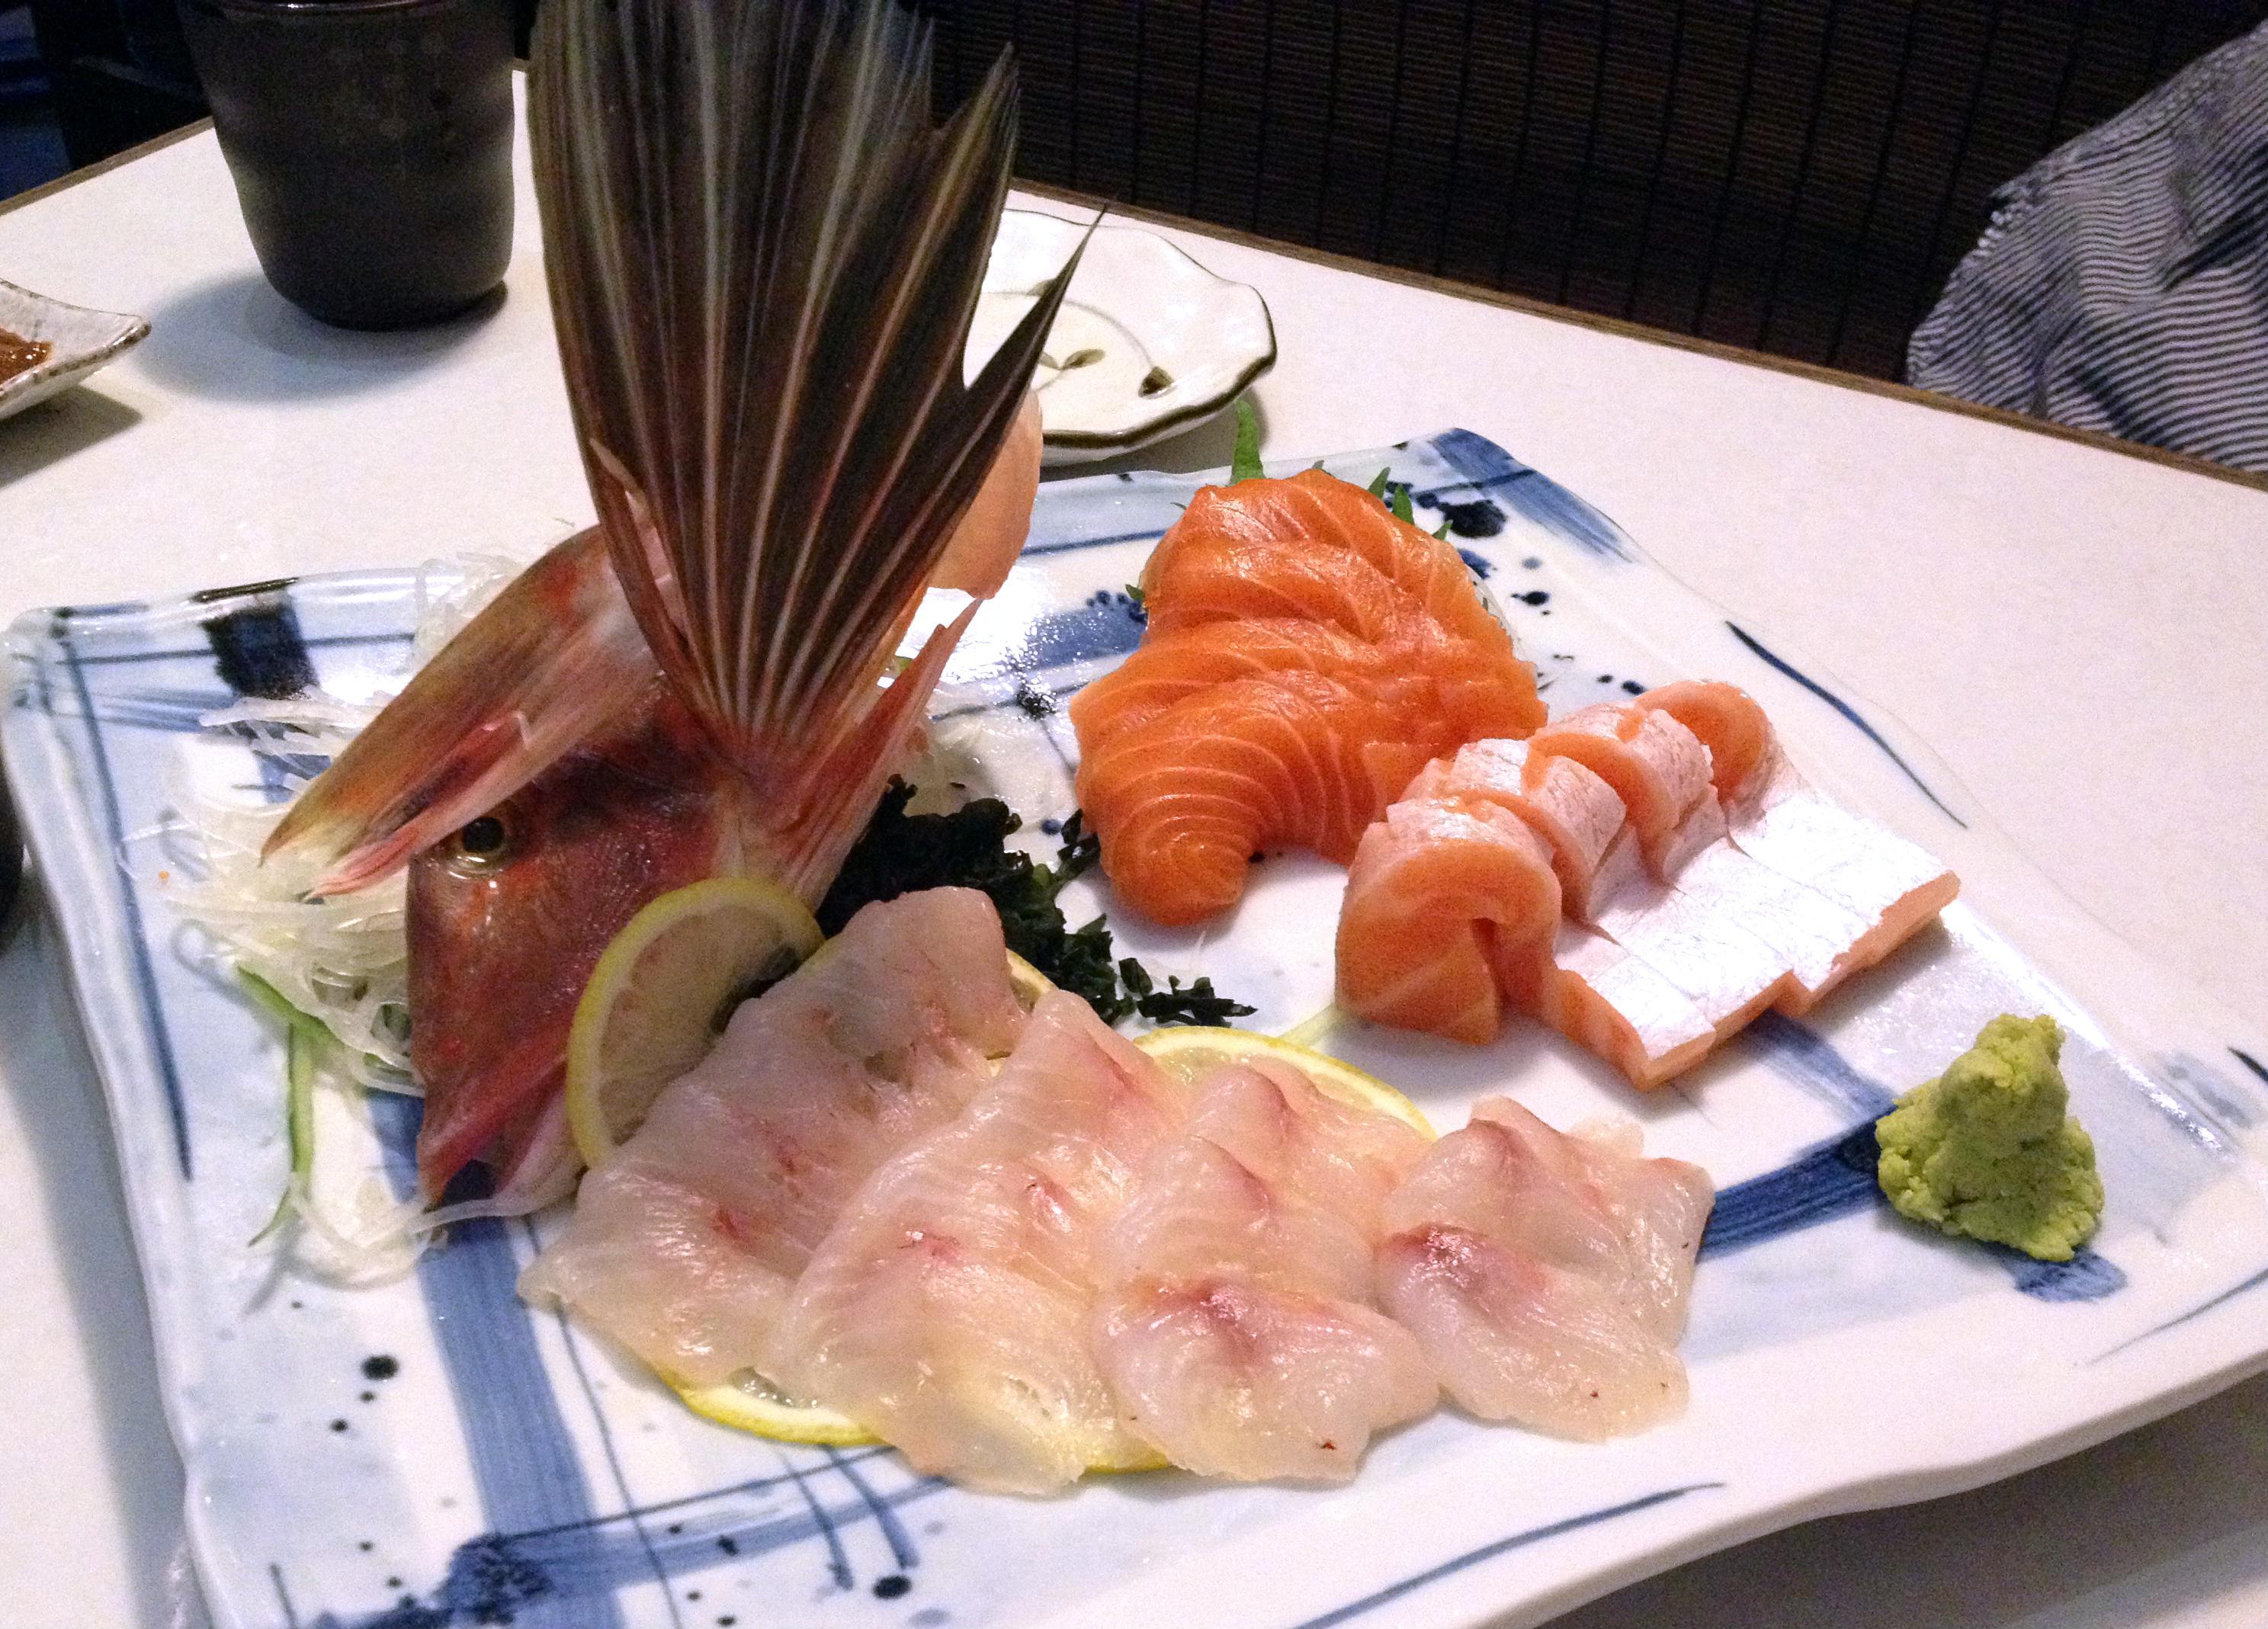 Hikawa-sashimi-honhkonh-travelgrip